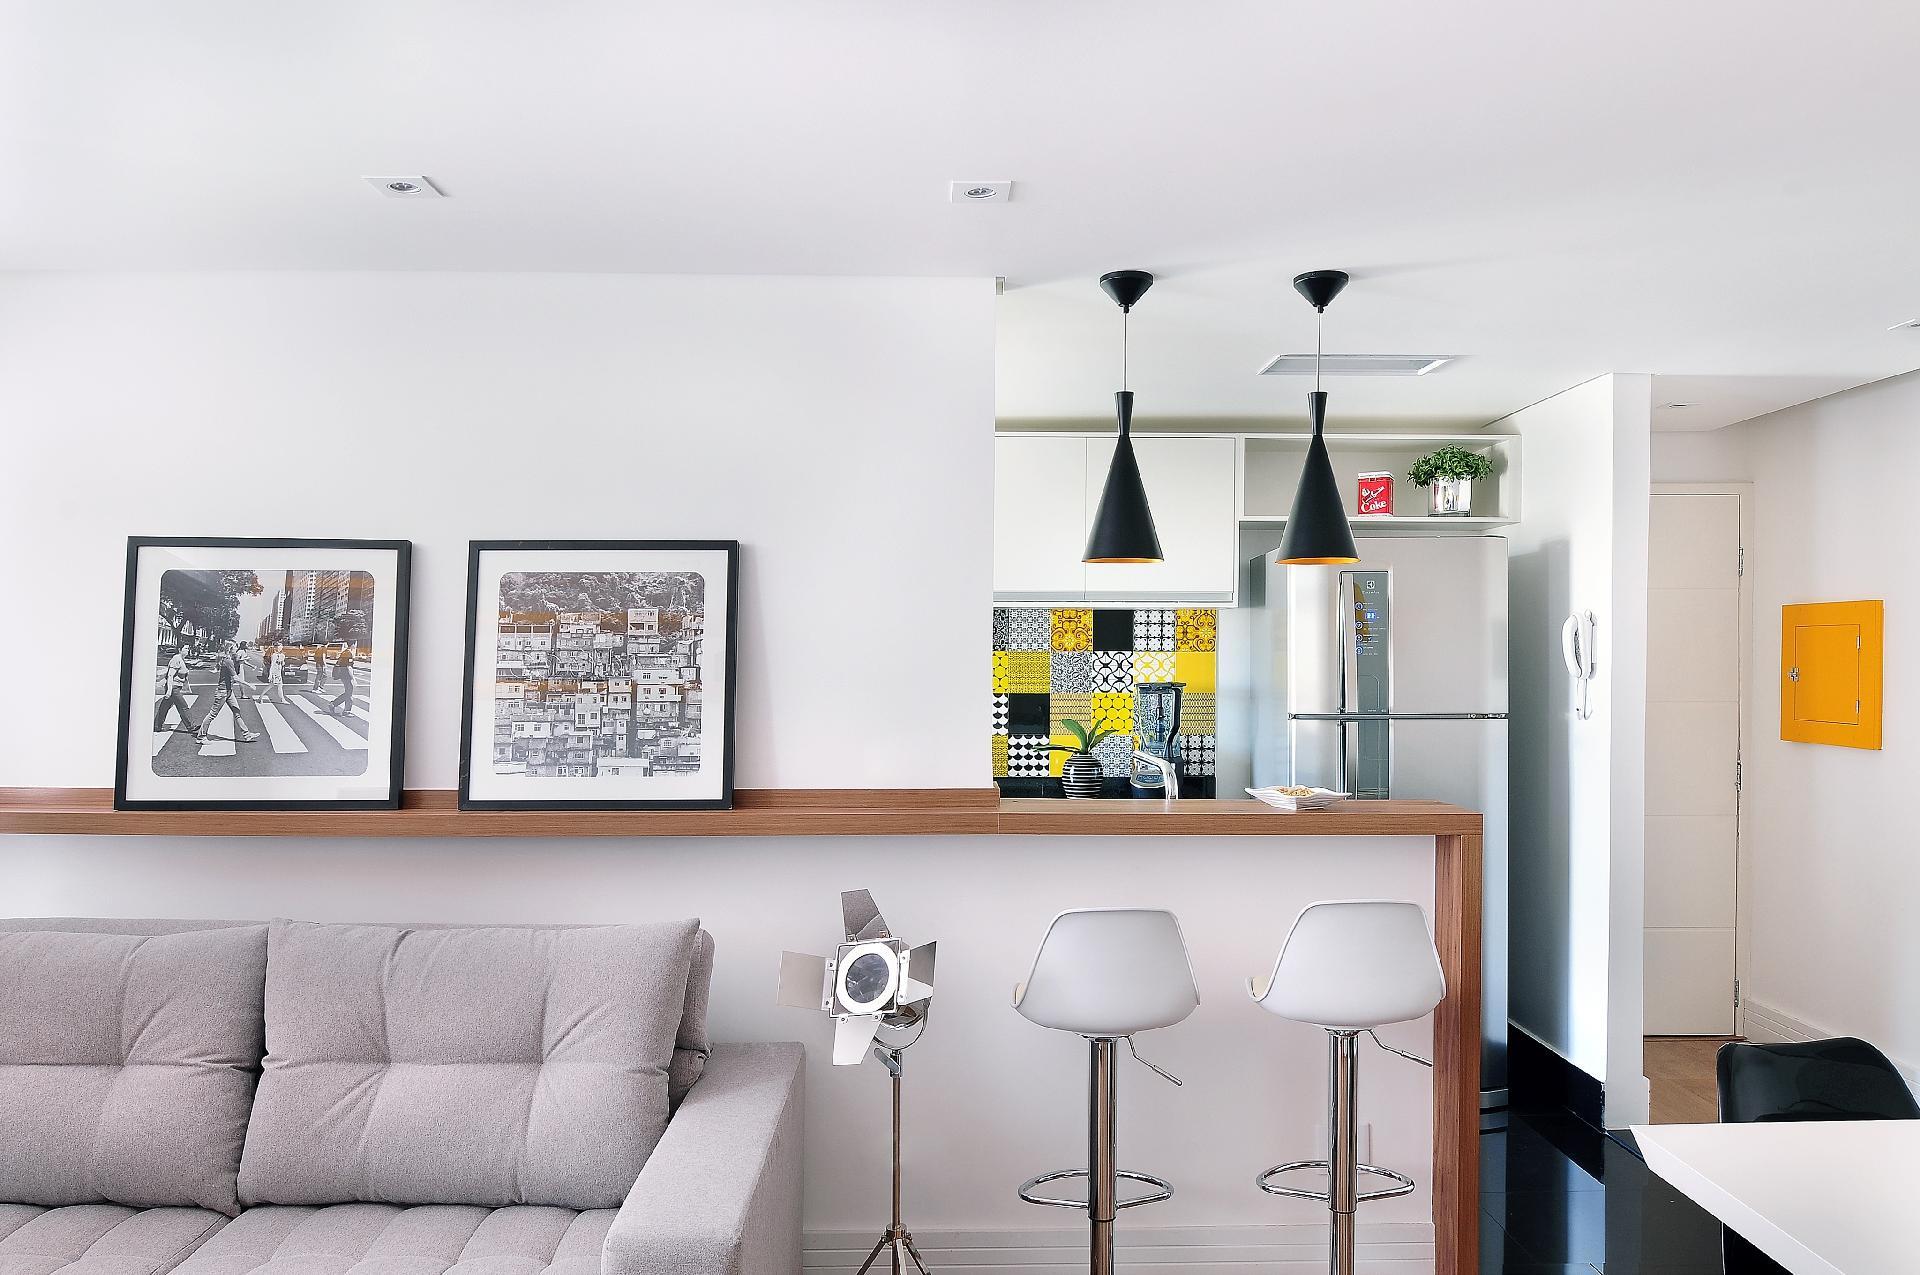 A bancada de madeira é acompanhada de duas banquetas que são usadas para as refeições. O sofá de dois lugares compõe a área de estar e, à direita, uma 'meia' parede resguarda parte da cozinha de quem chega à residência. A reforma capitaneada pelo escritório IBD pintou as paredes e portas de branco, o que proporcionou ar leve ao apê na Cantareira, em São Paulo